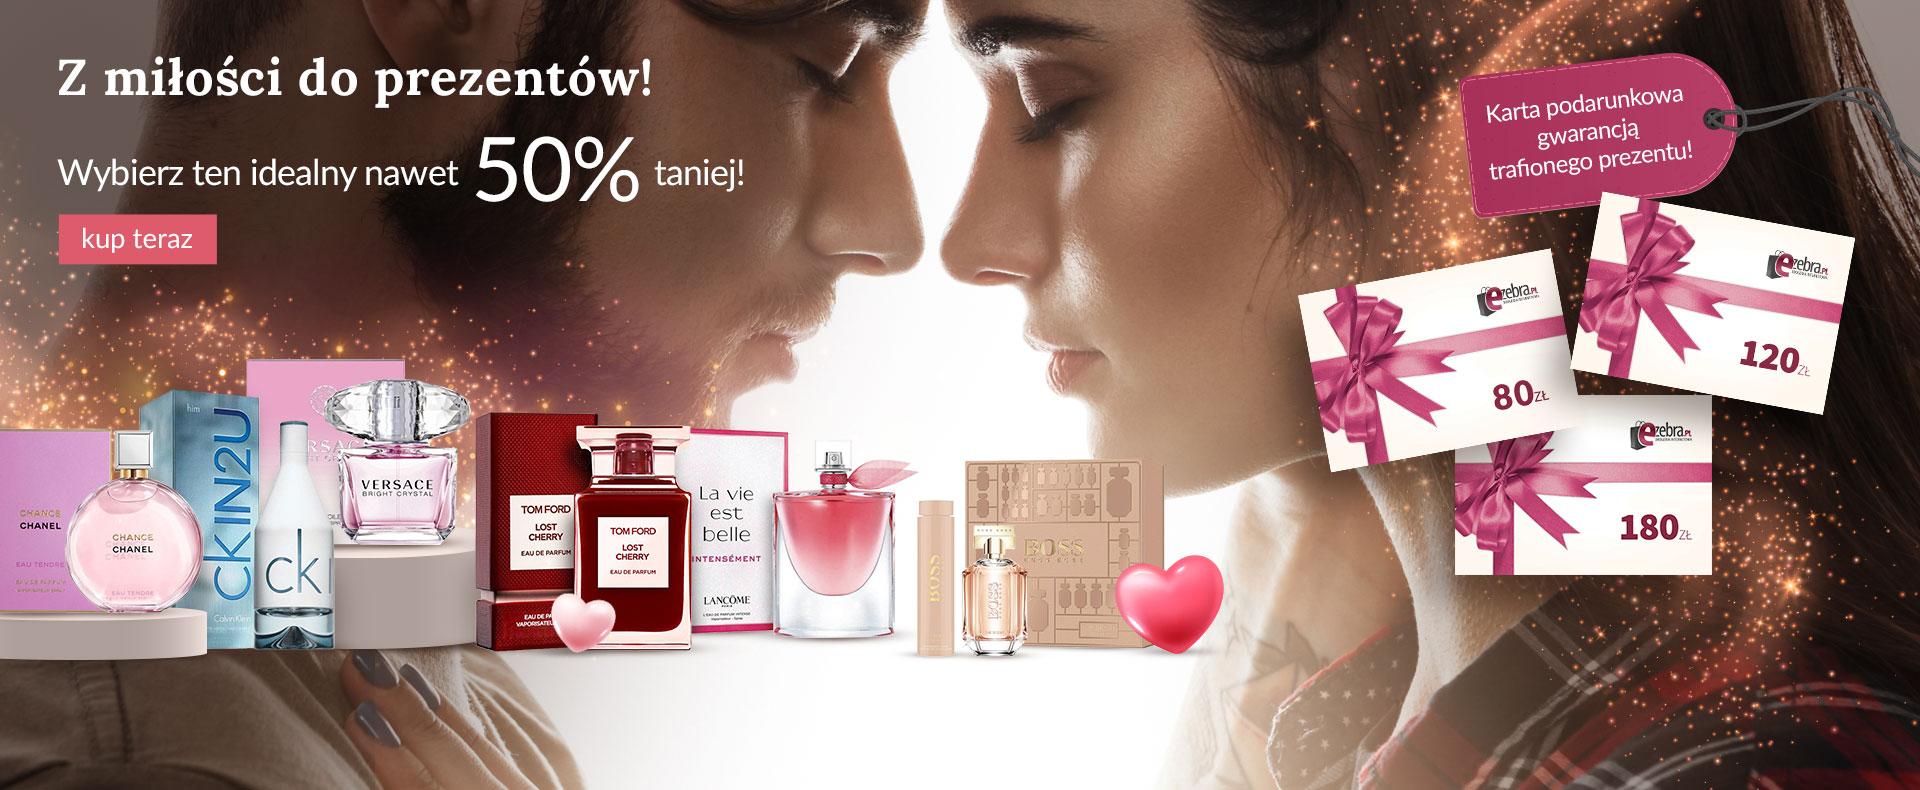 Ezebra Ezebra: do 50% rabatu na zestawy kosmetyków - prezent na Walentynki